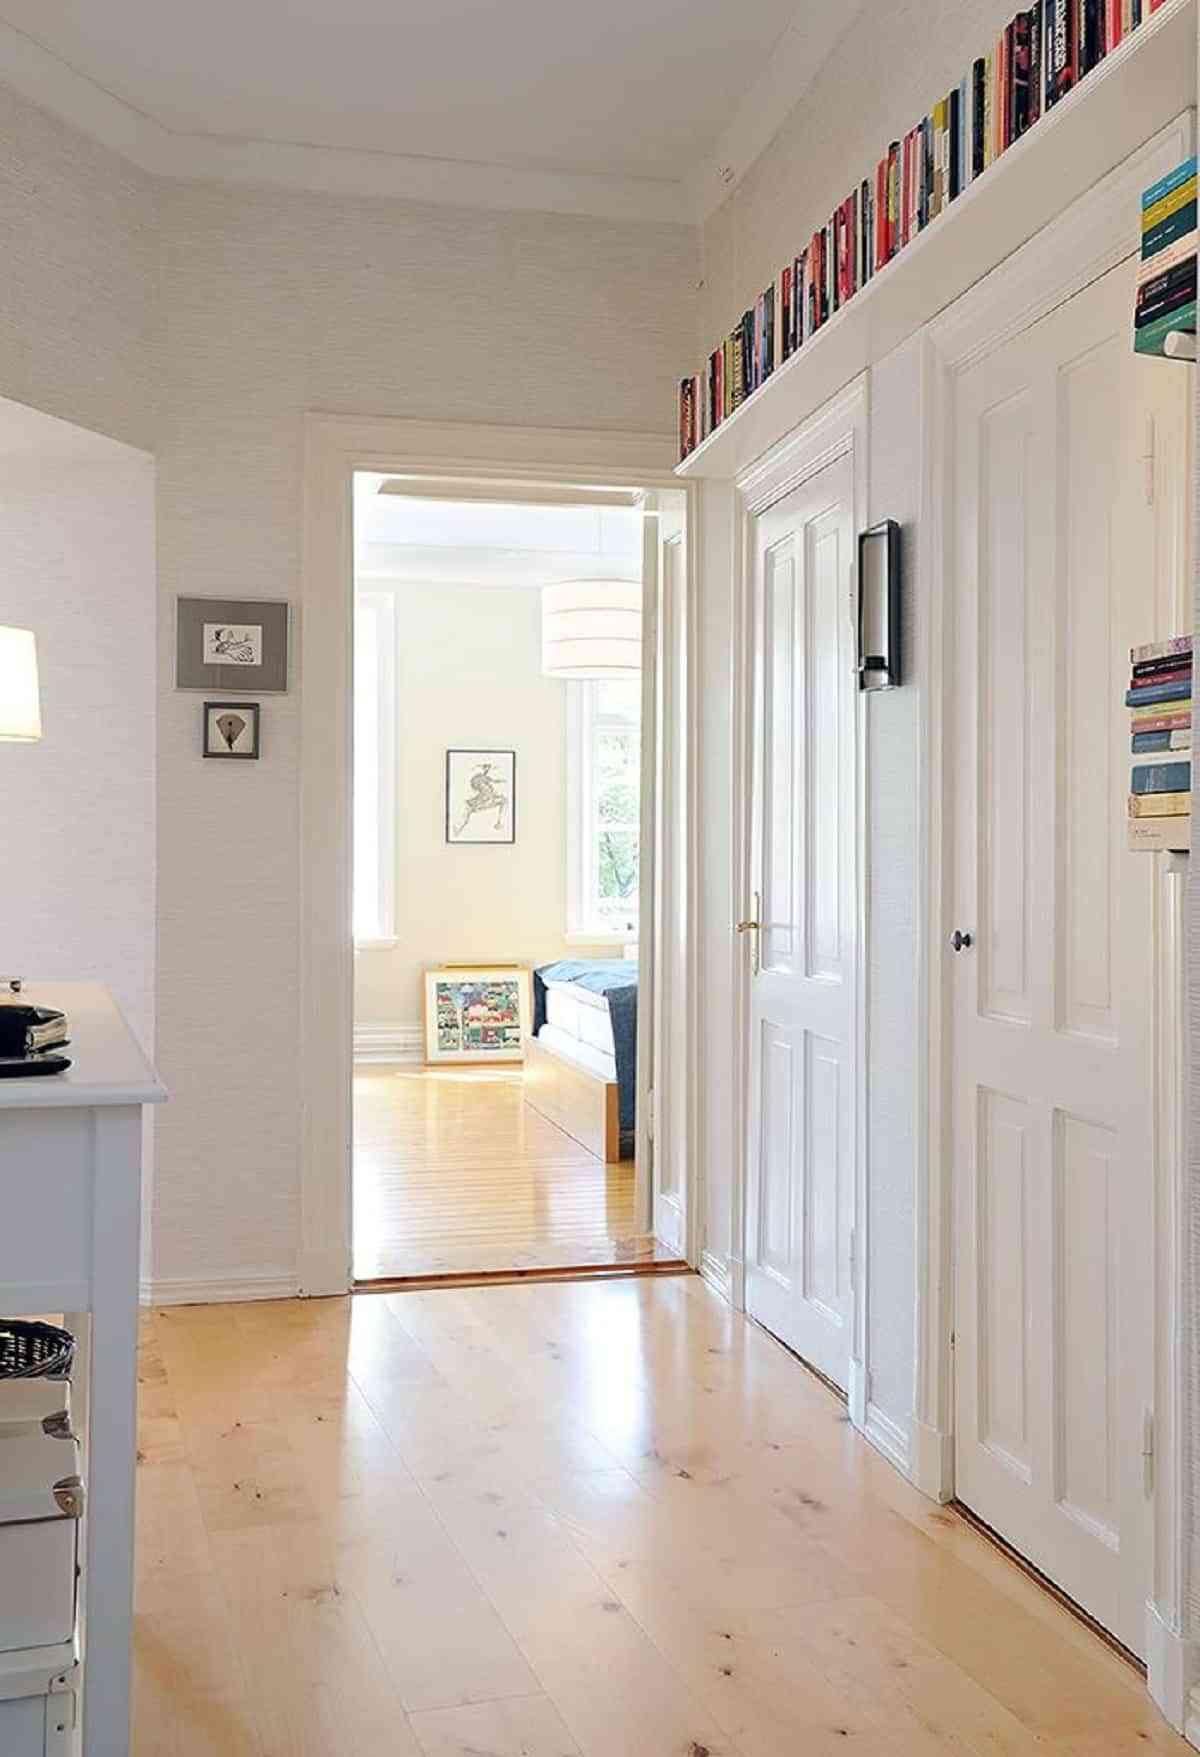 Aprovecha los días en casa para decorar rincones olvidados